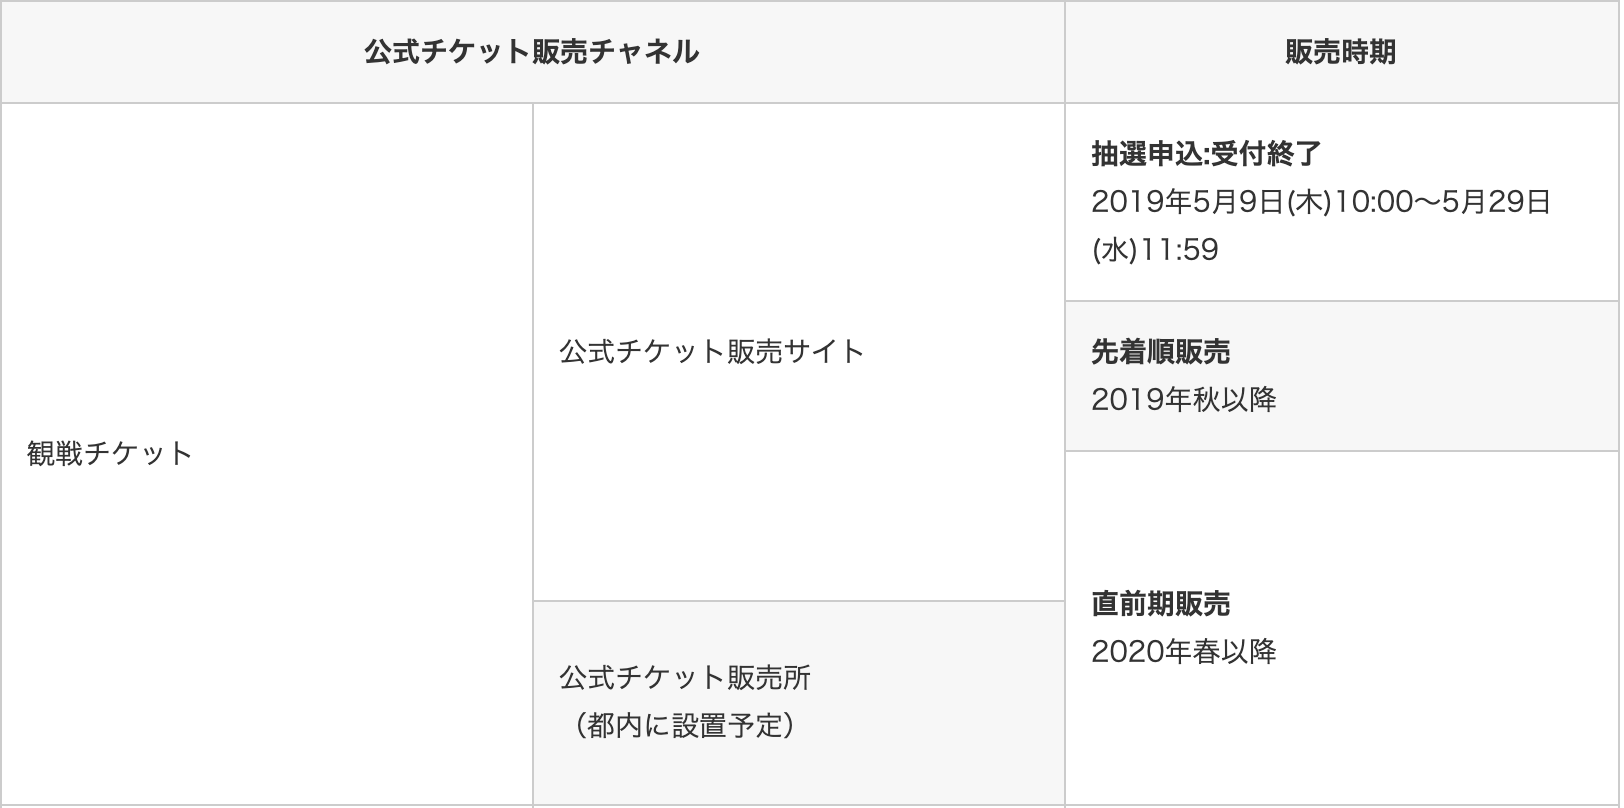 スクリーンショット 2019-06-21 1.08.03